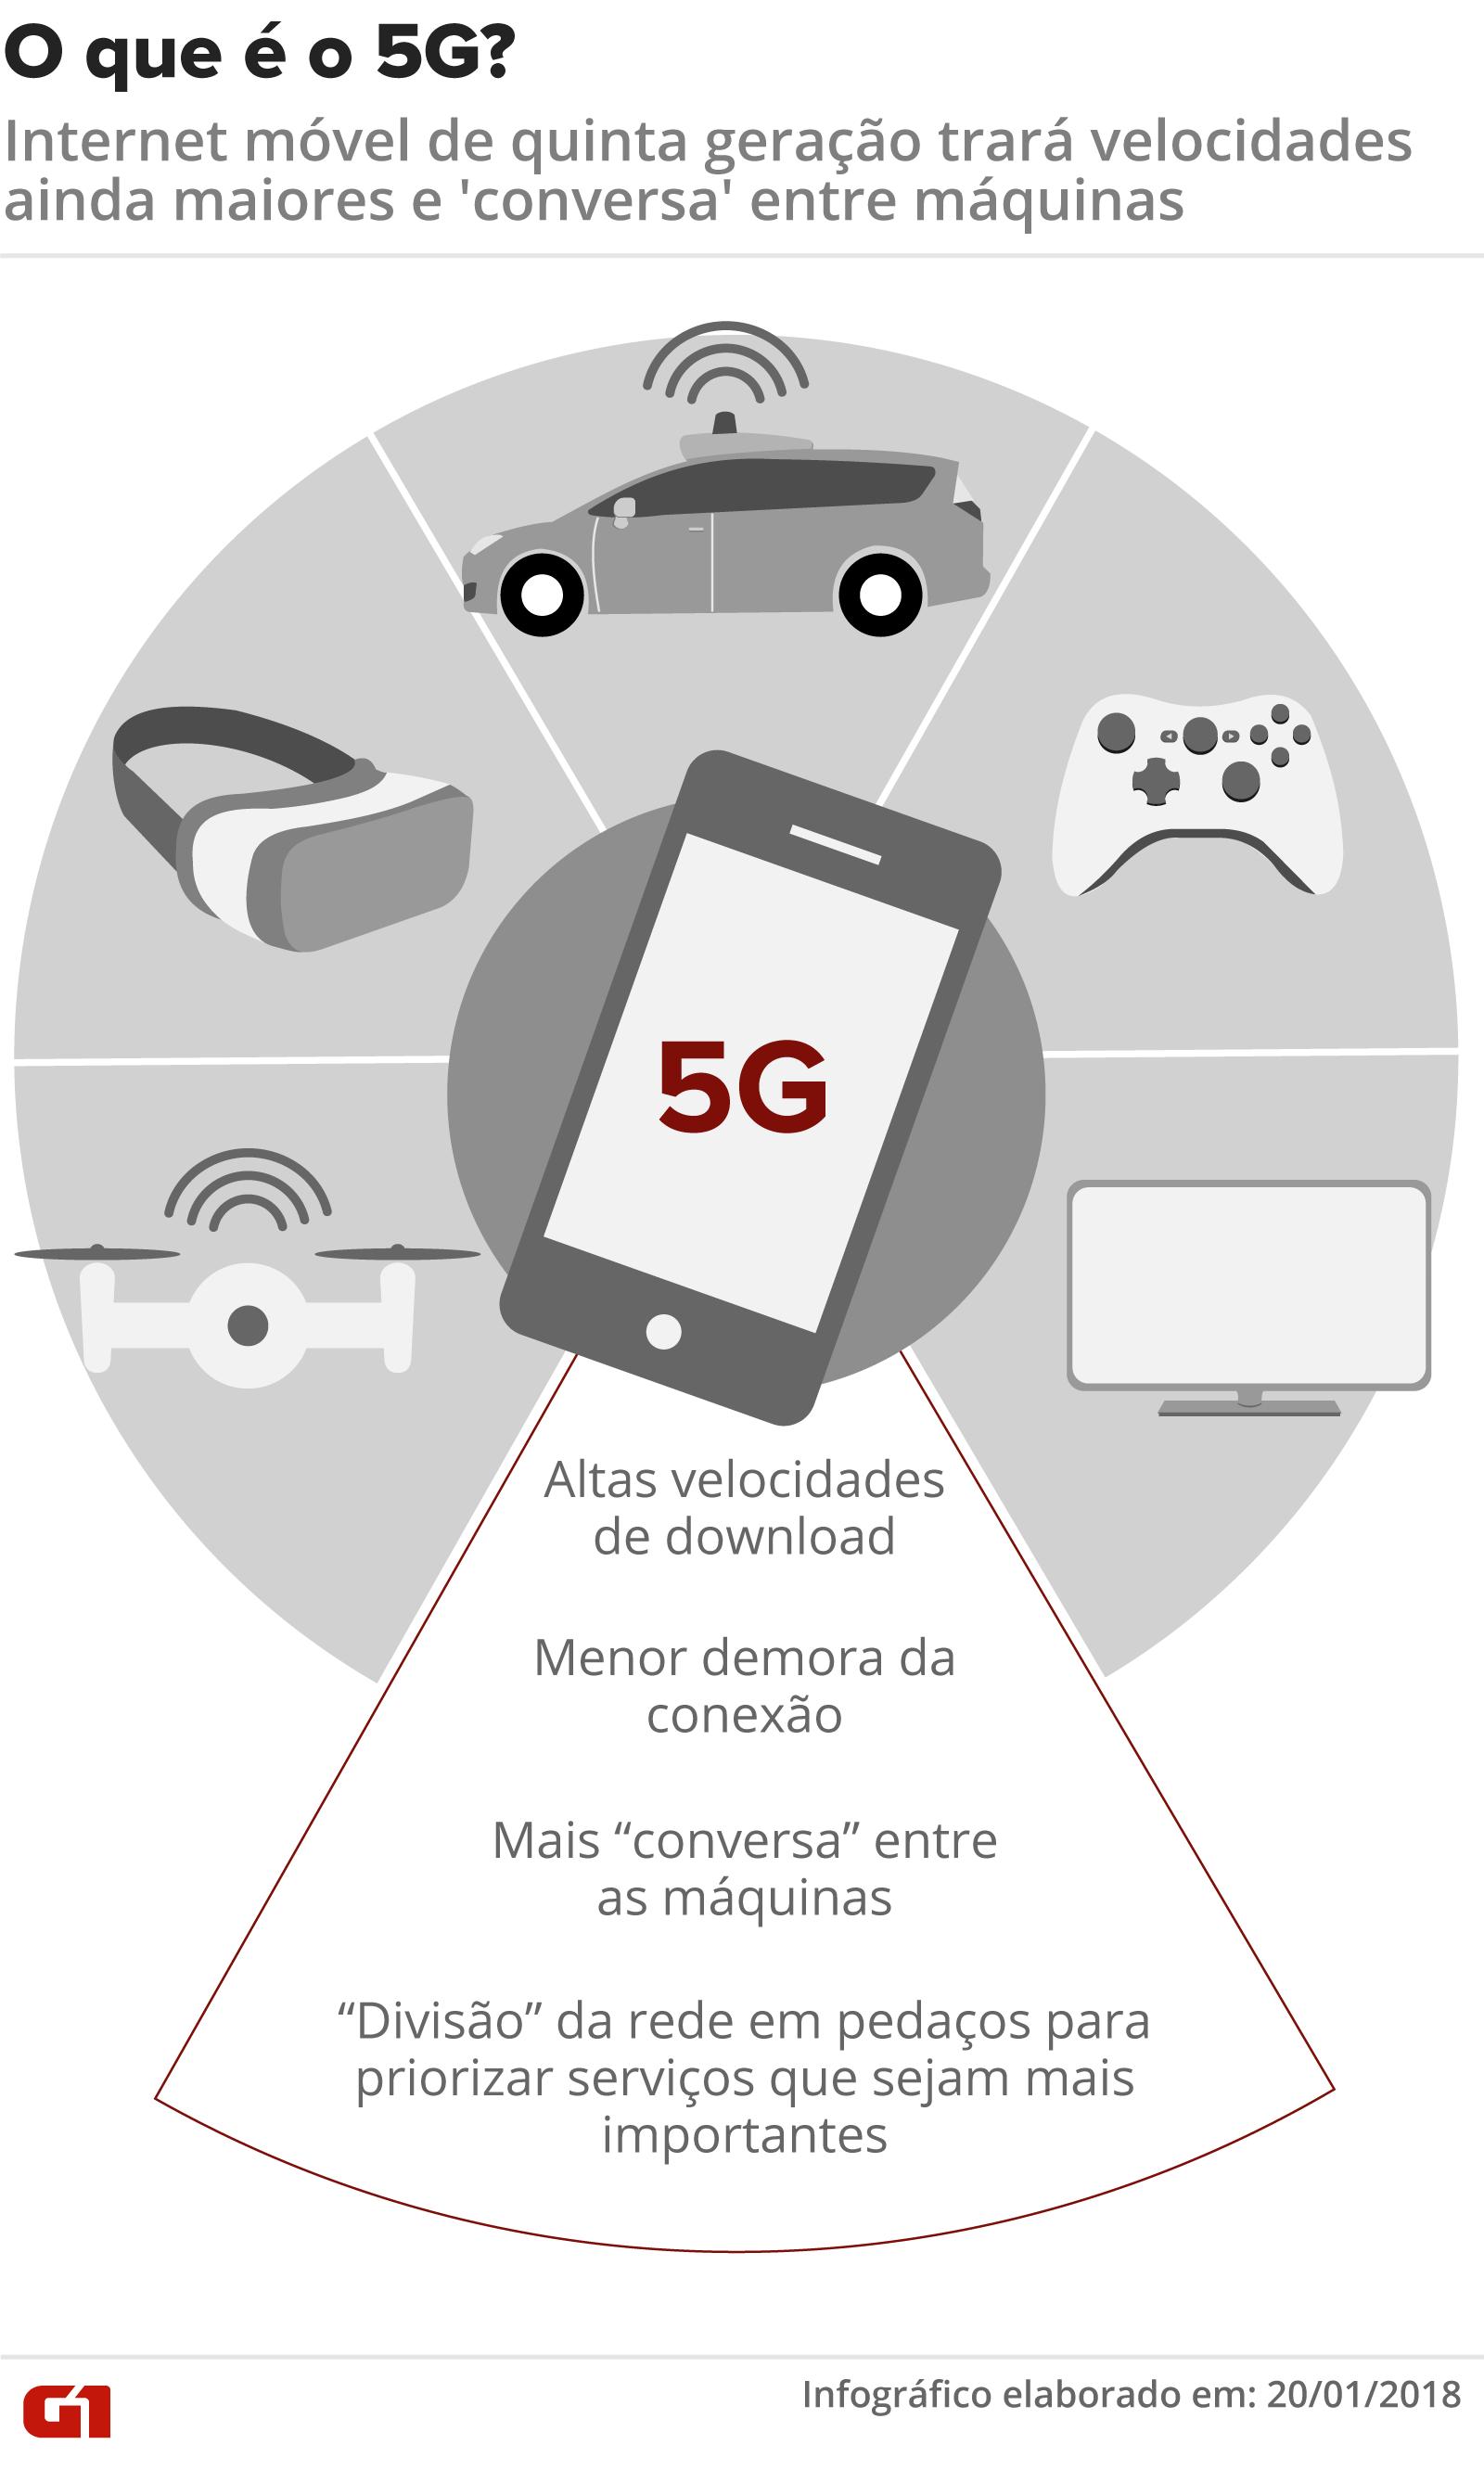 Presidente da Anatel afirma que isolamento elevou uso da banda larga e admite atraso em leilão da rede 5G